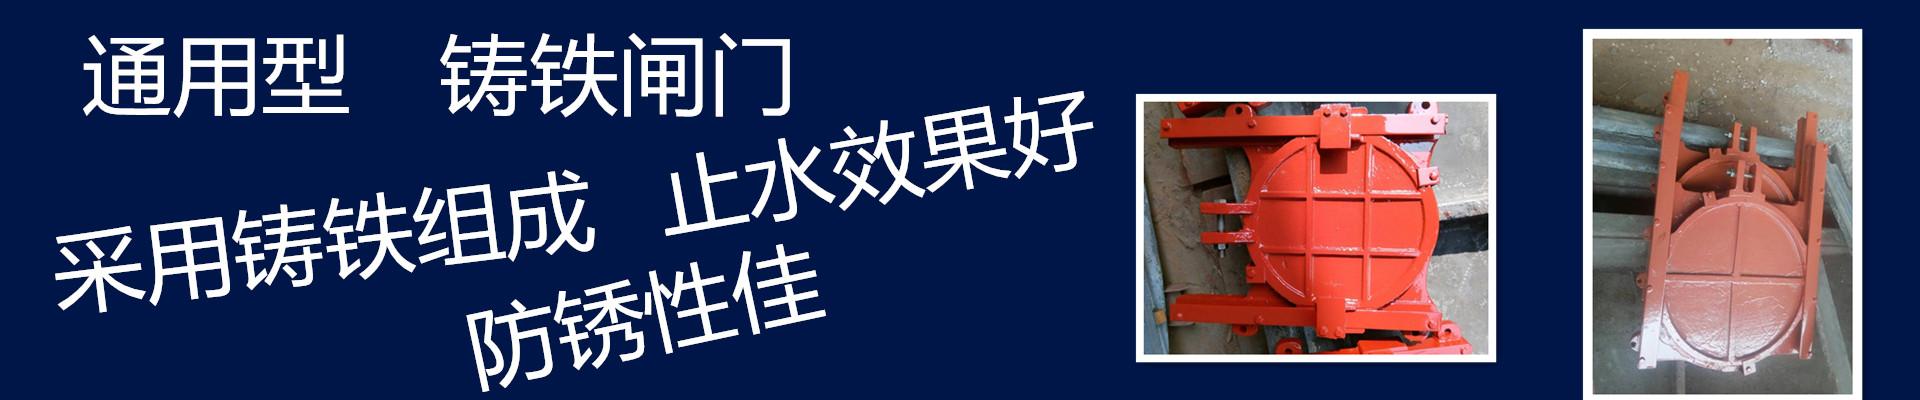 新河县弘洋水利机械厂